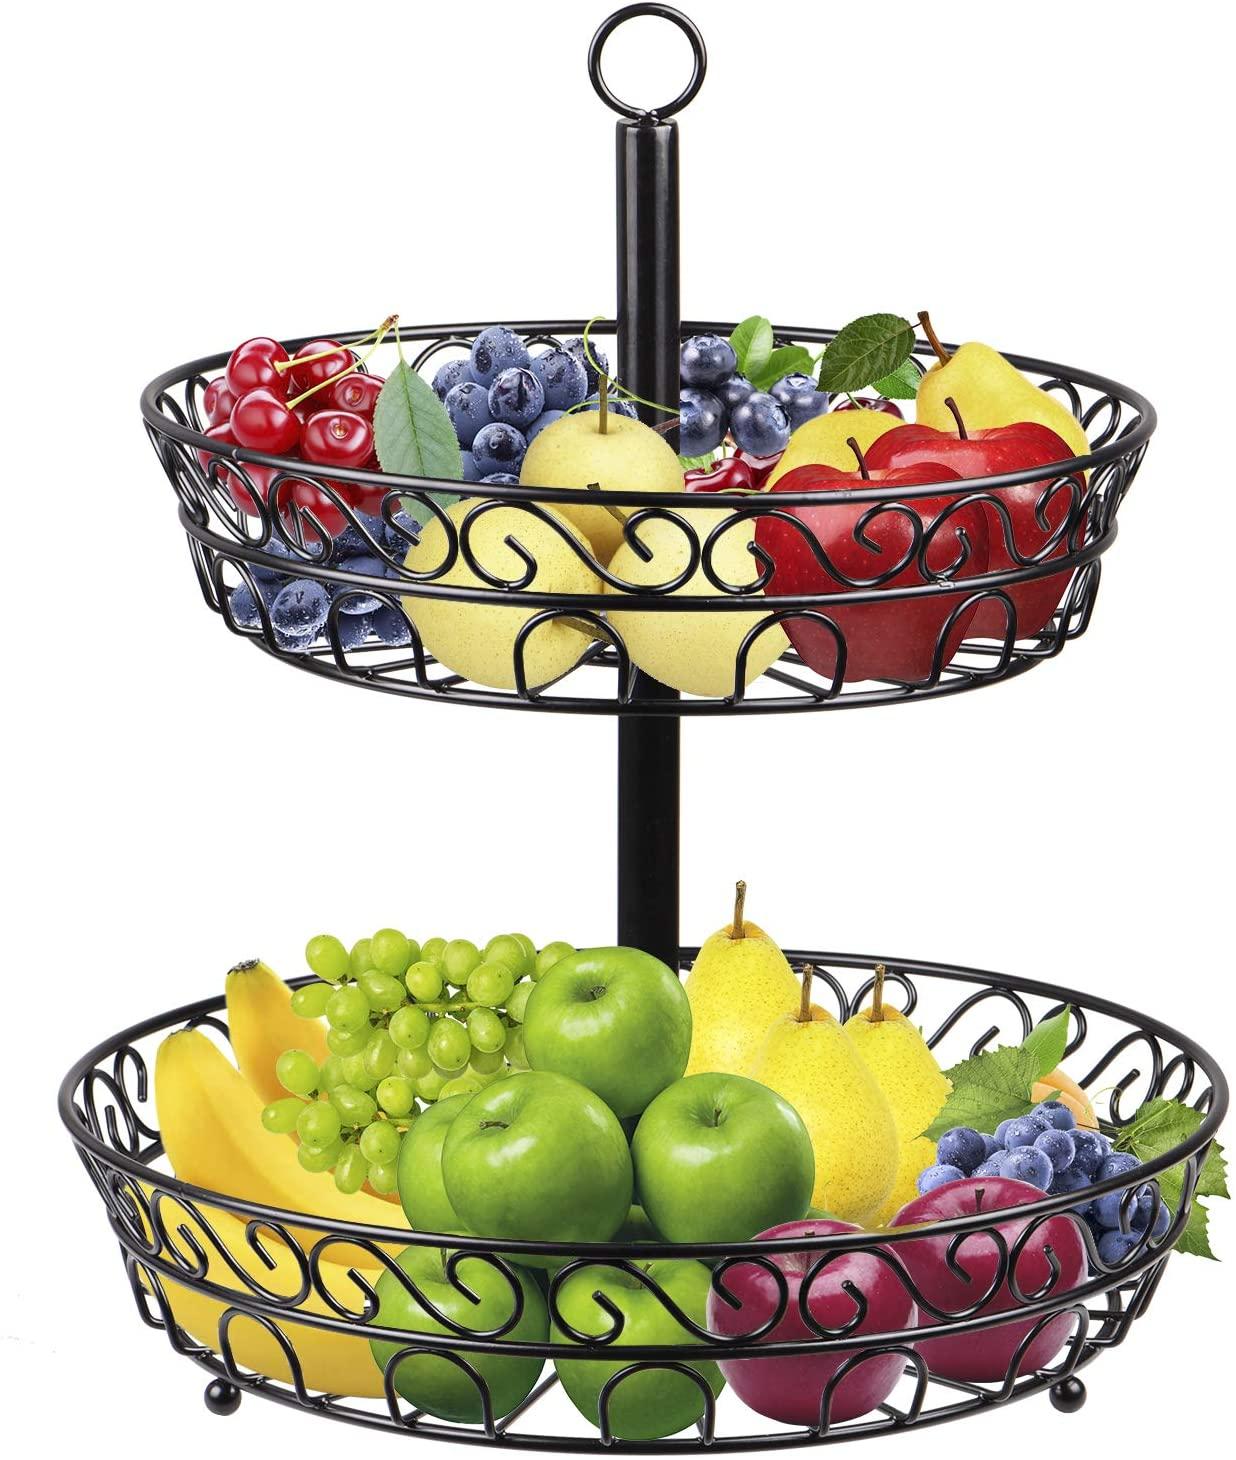 2-Tier Fruit Bowl Basket, STRAWBLEAG Black Modern Design Fruits Vegetables Basket Stand, Metal Wire Basket Organizer Holder for Kitchen Countertop Storage